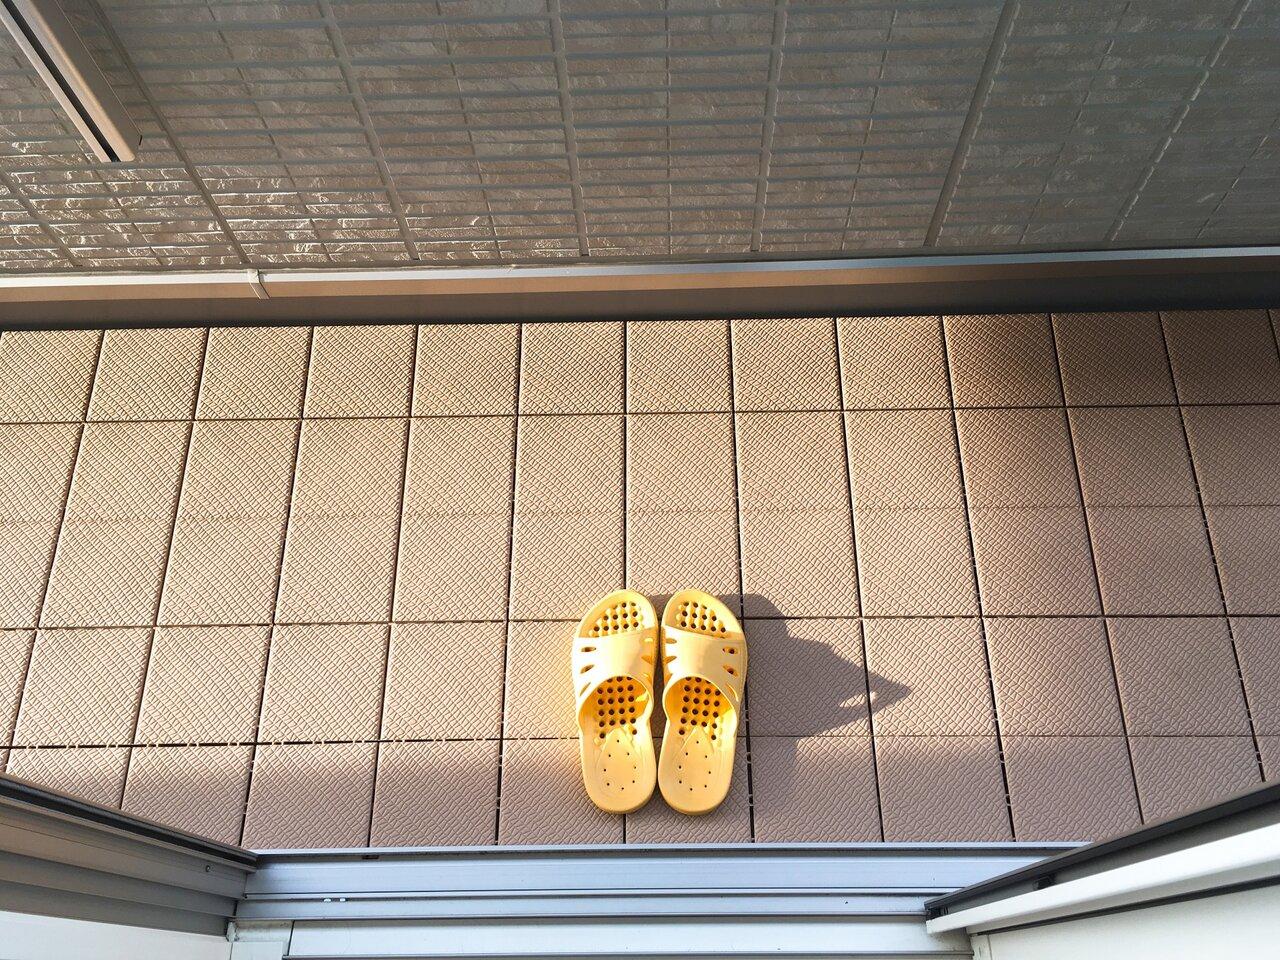 嵐・二宮和也、自宅のベランダで起きた悲劇告白「血だらけみたいに…」